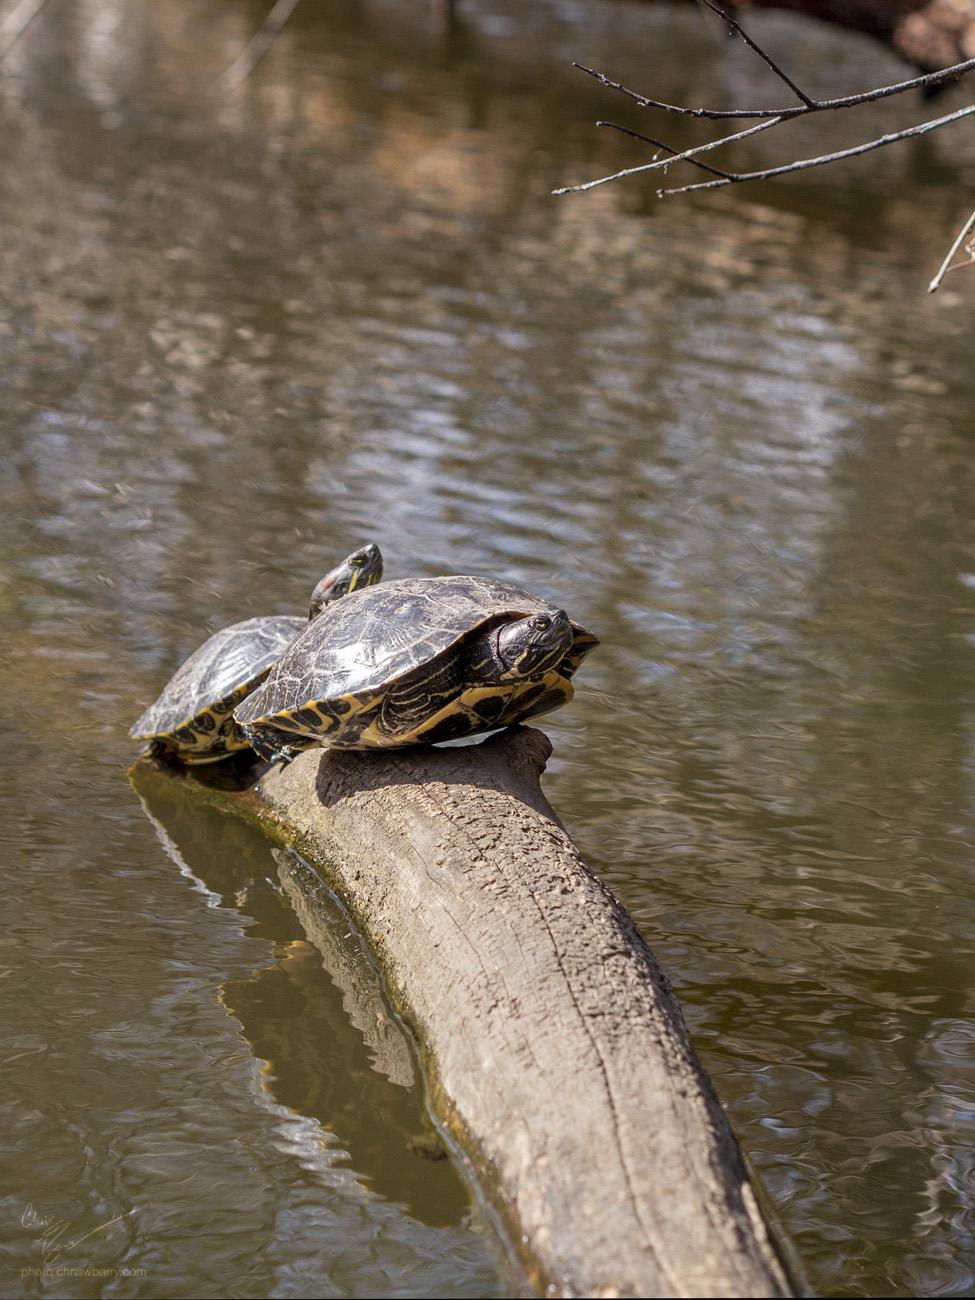 4-21-18: Painted Turtles